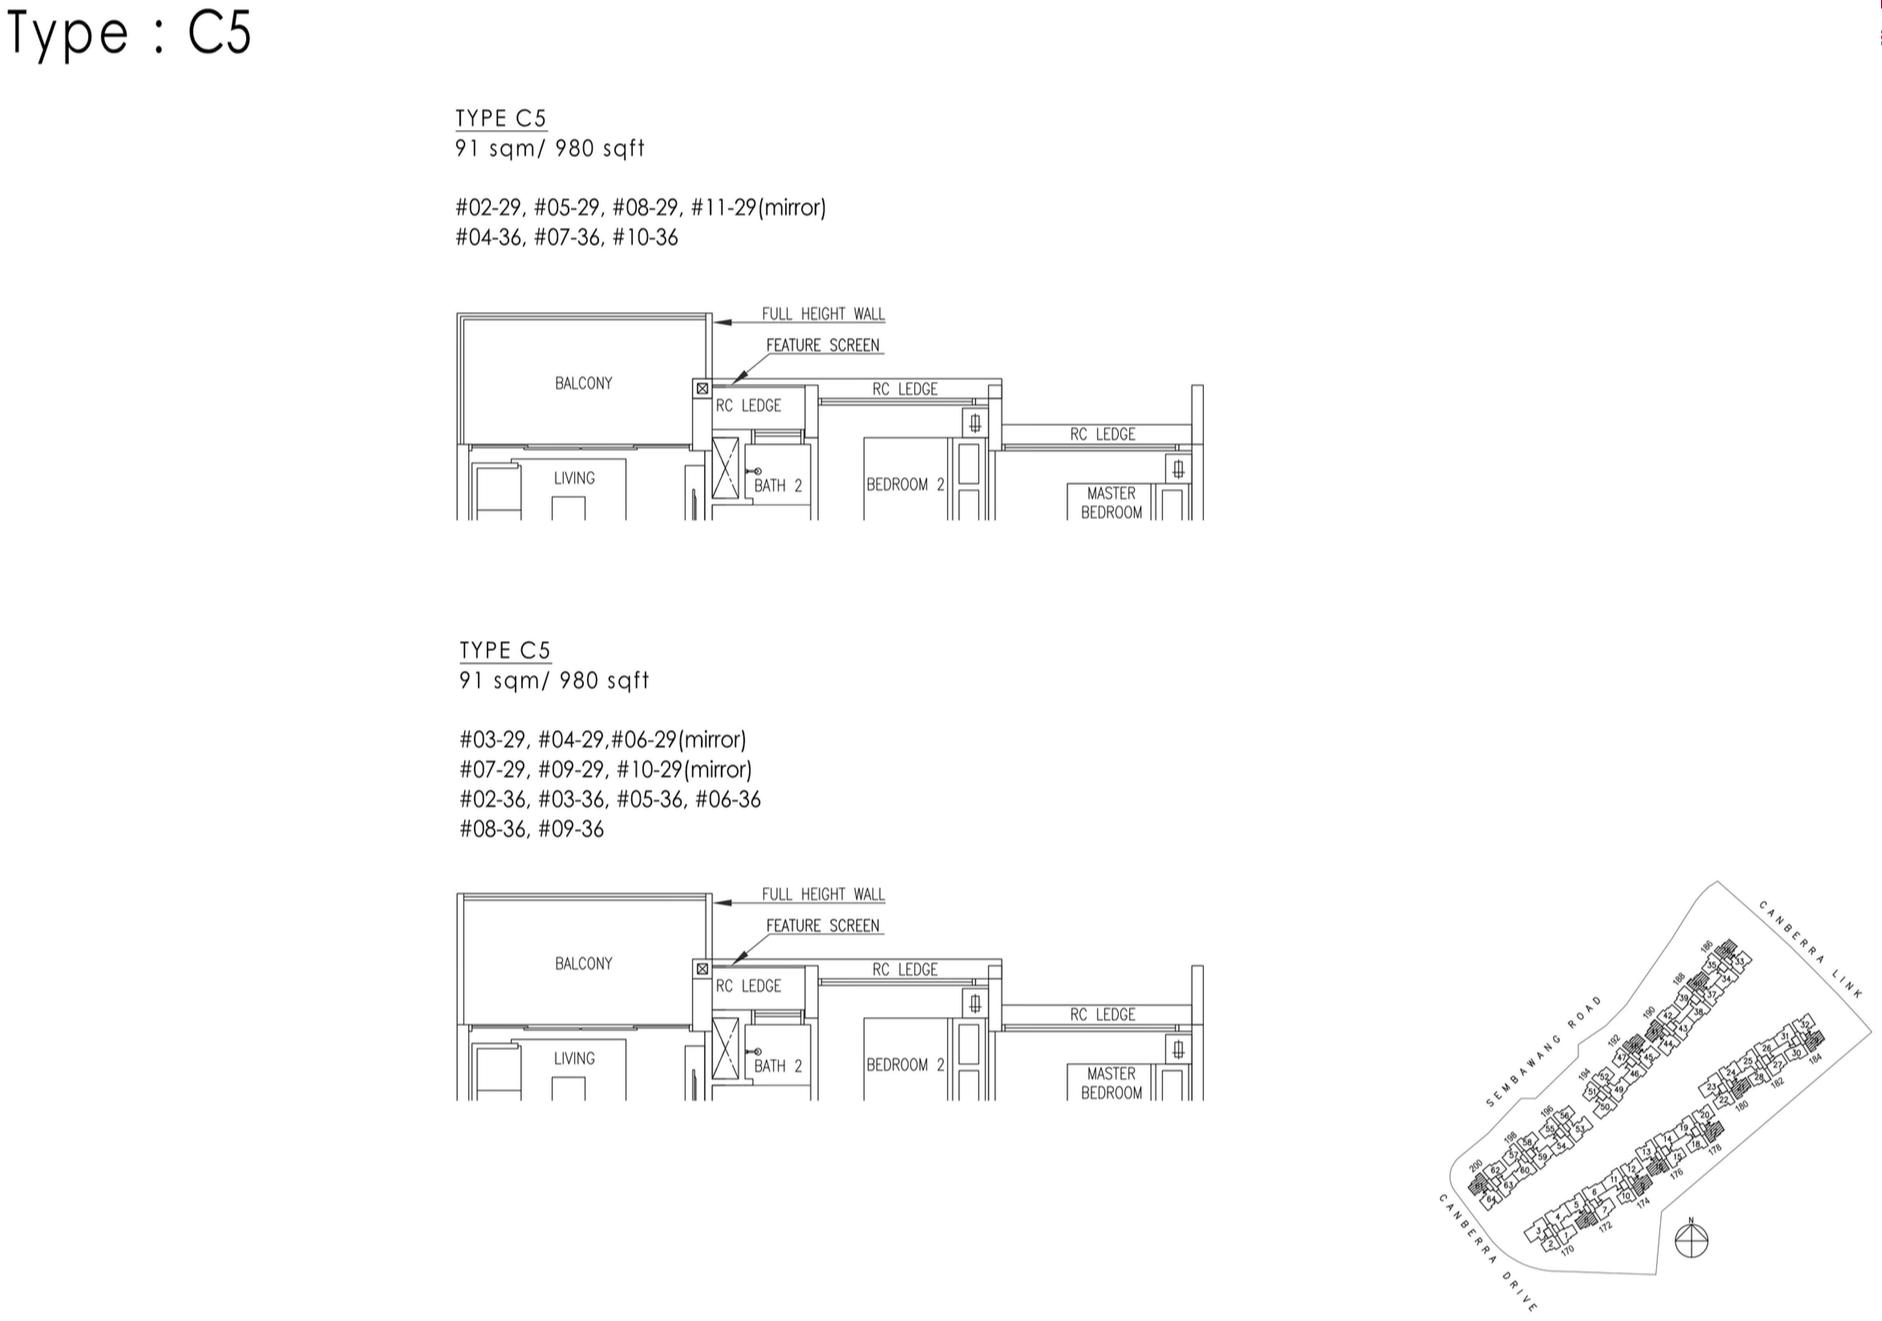 The Visionaire EC Floor Plan - 3 Bedroom Premium C5 91 sqm 980 sqft